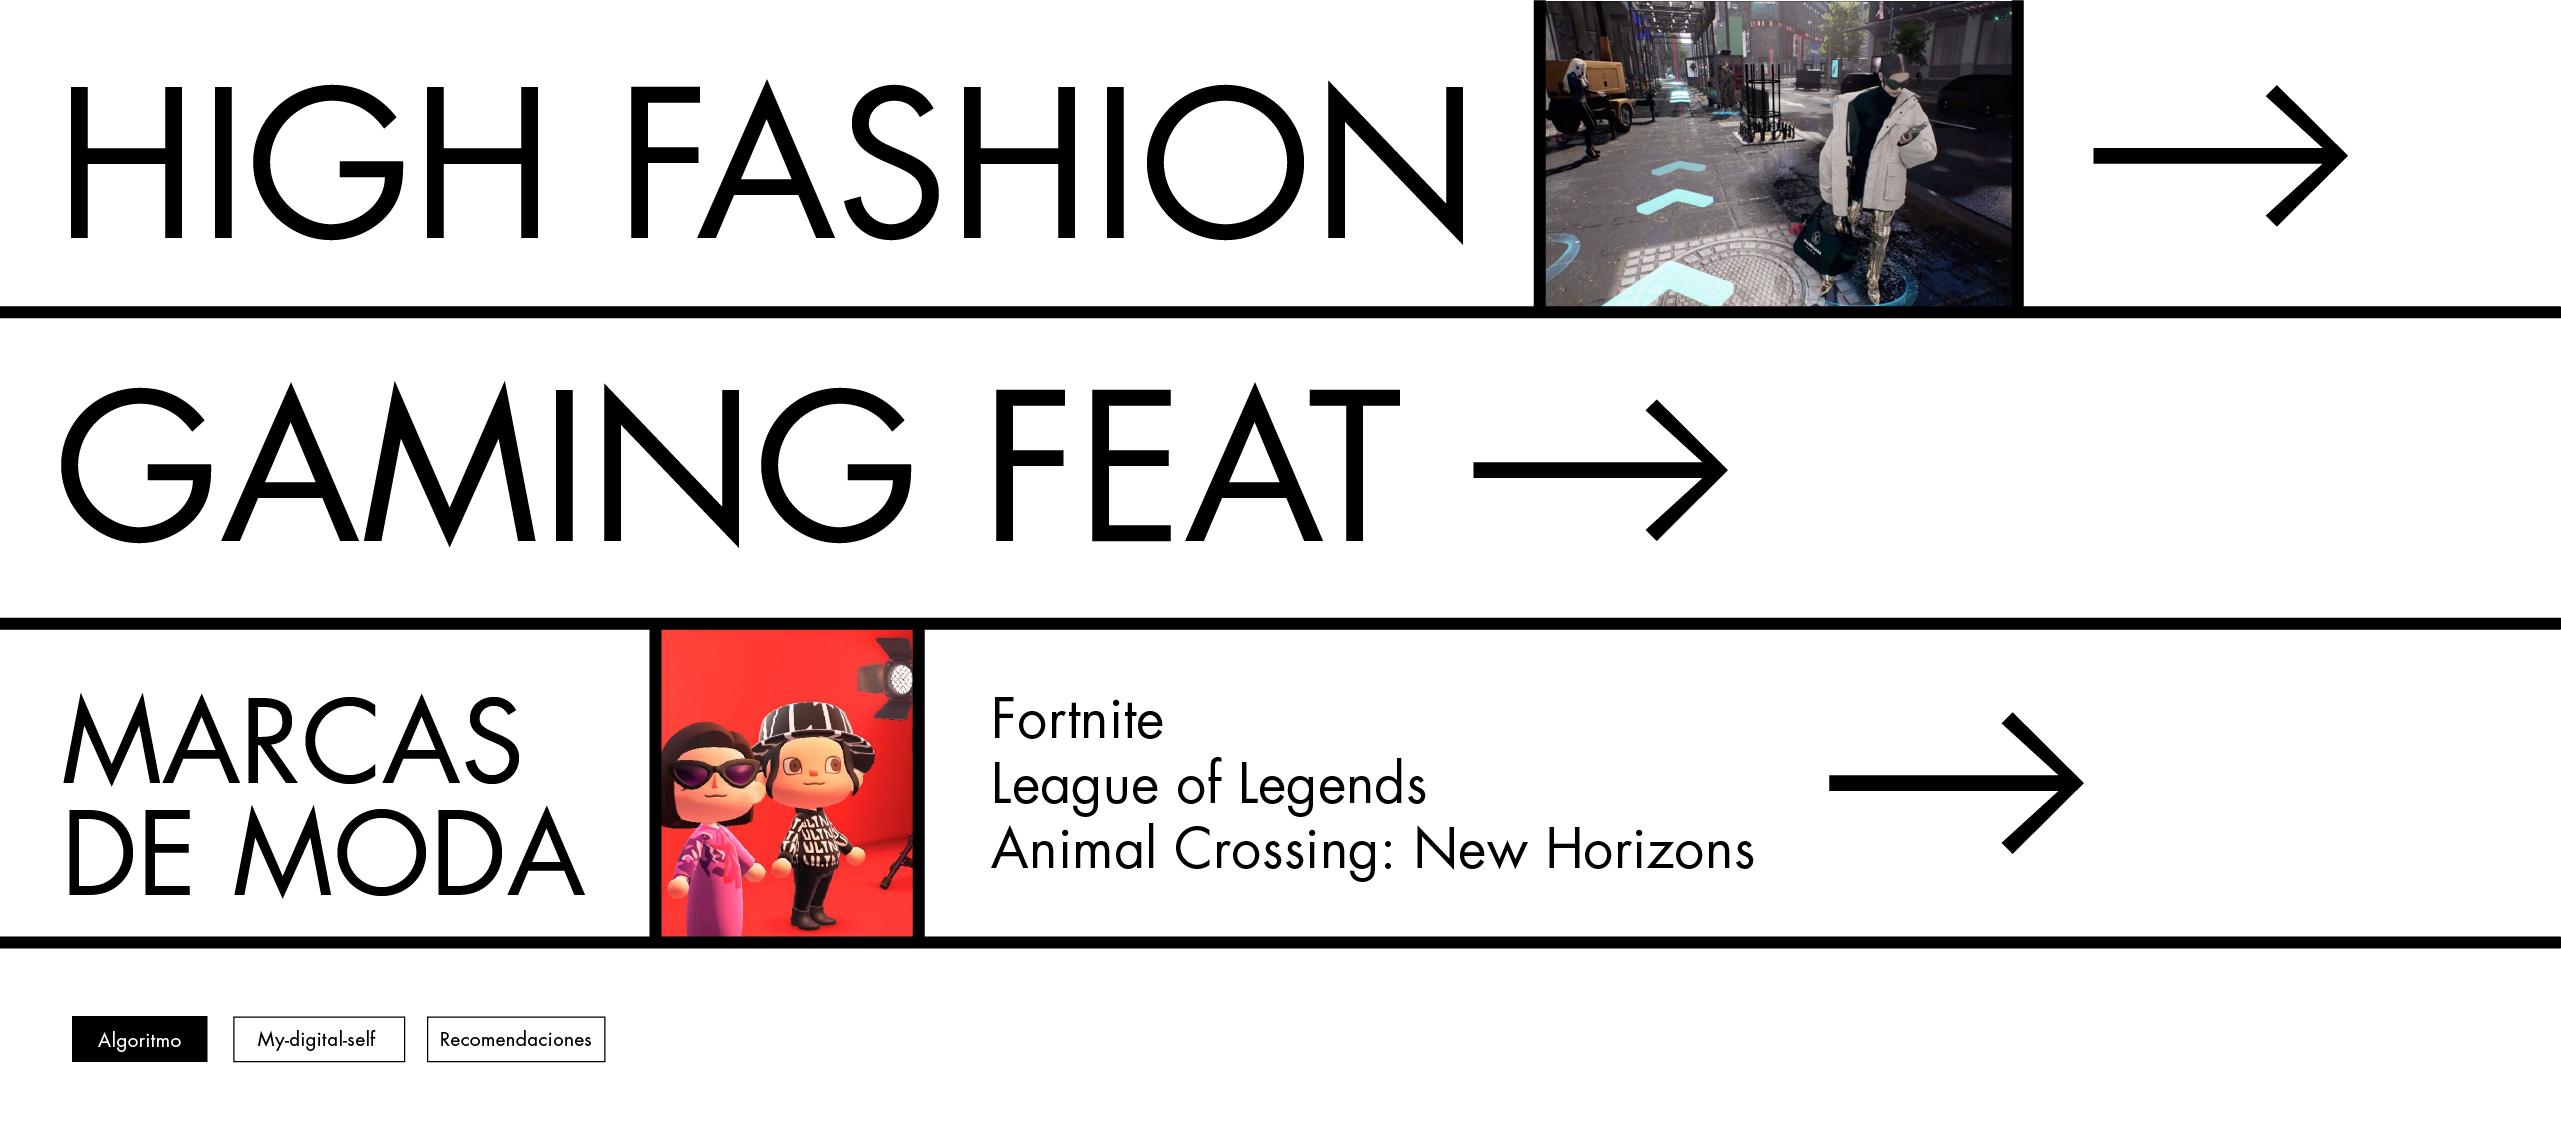 High Fashion Gaming – Juegos featuring marcas de moda